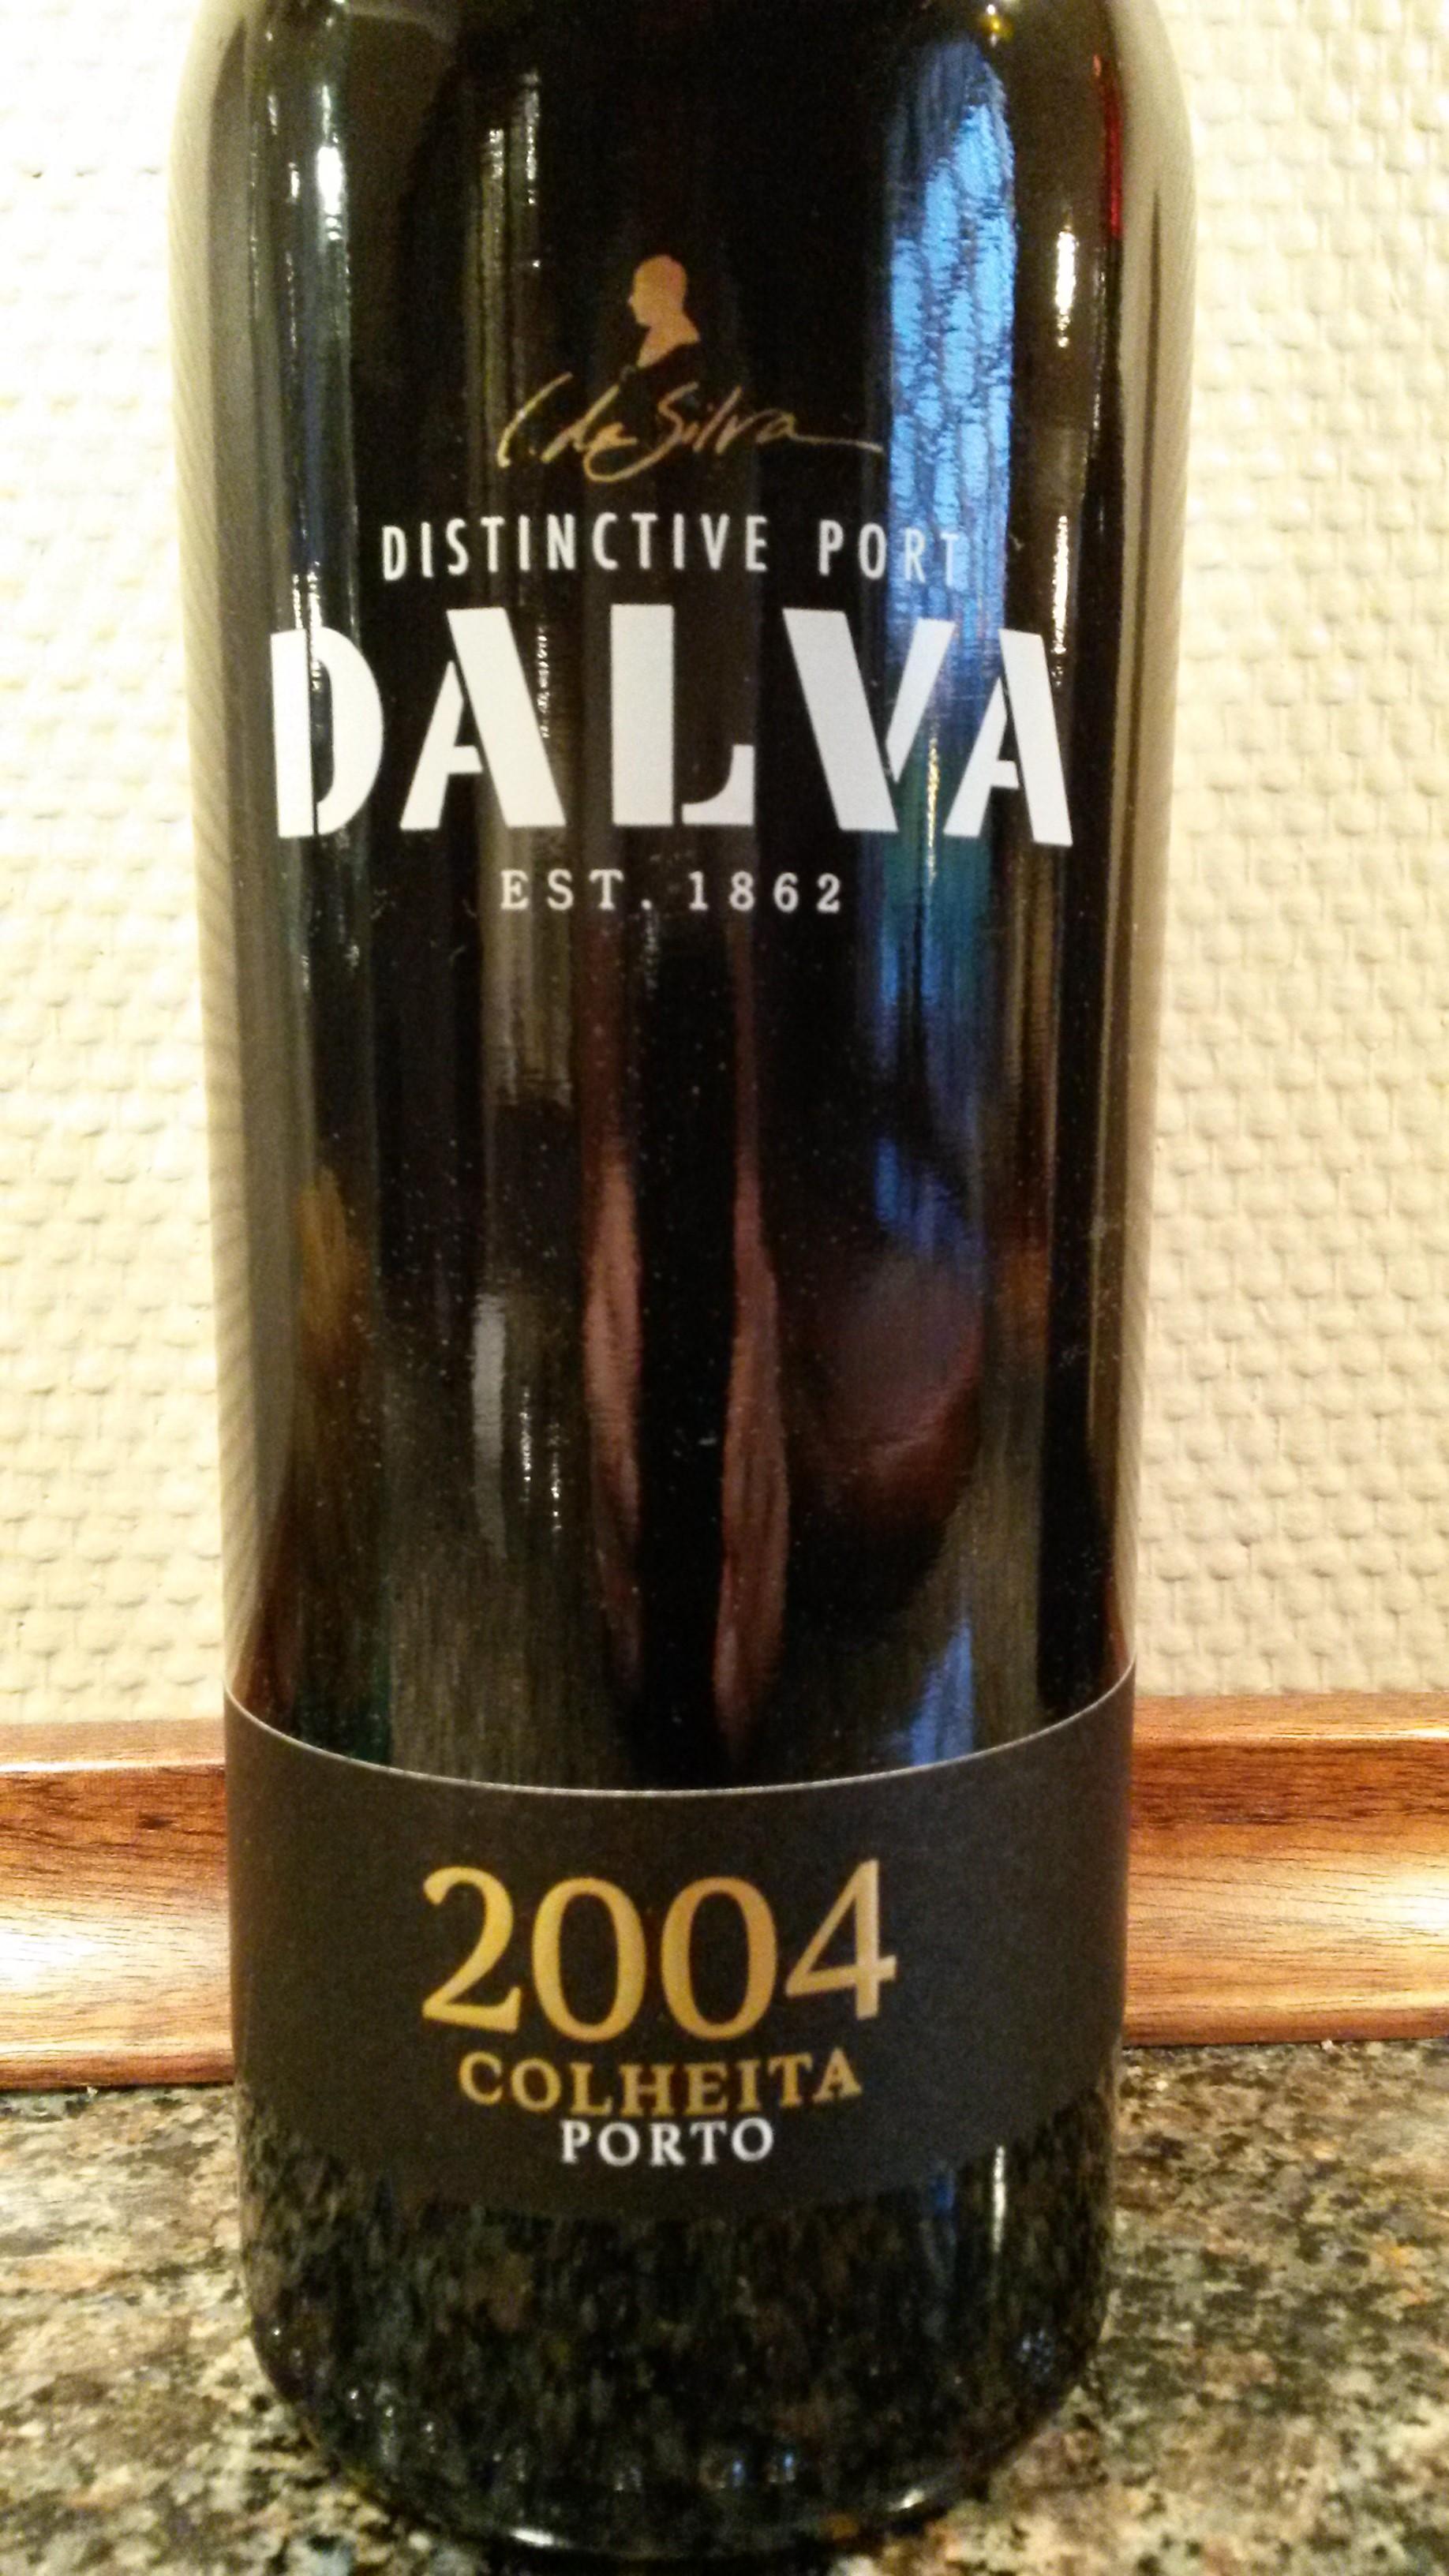 dalva-col-2004